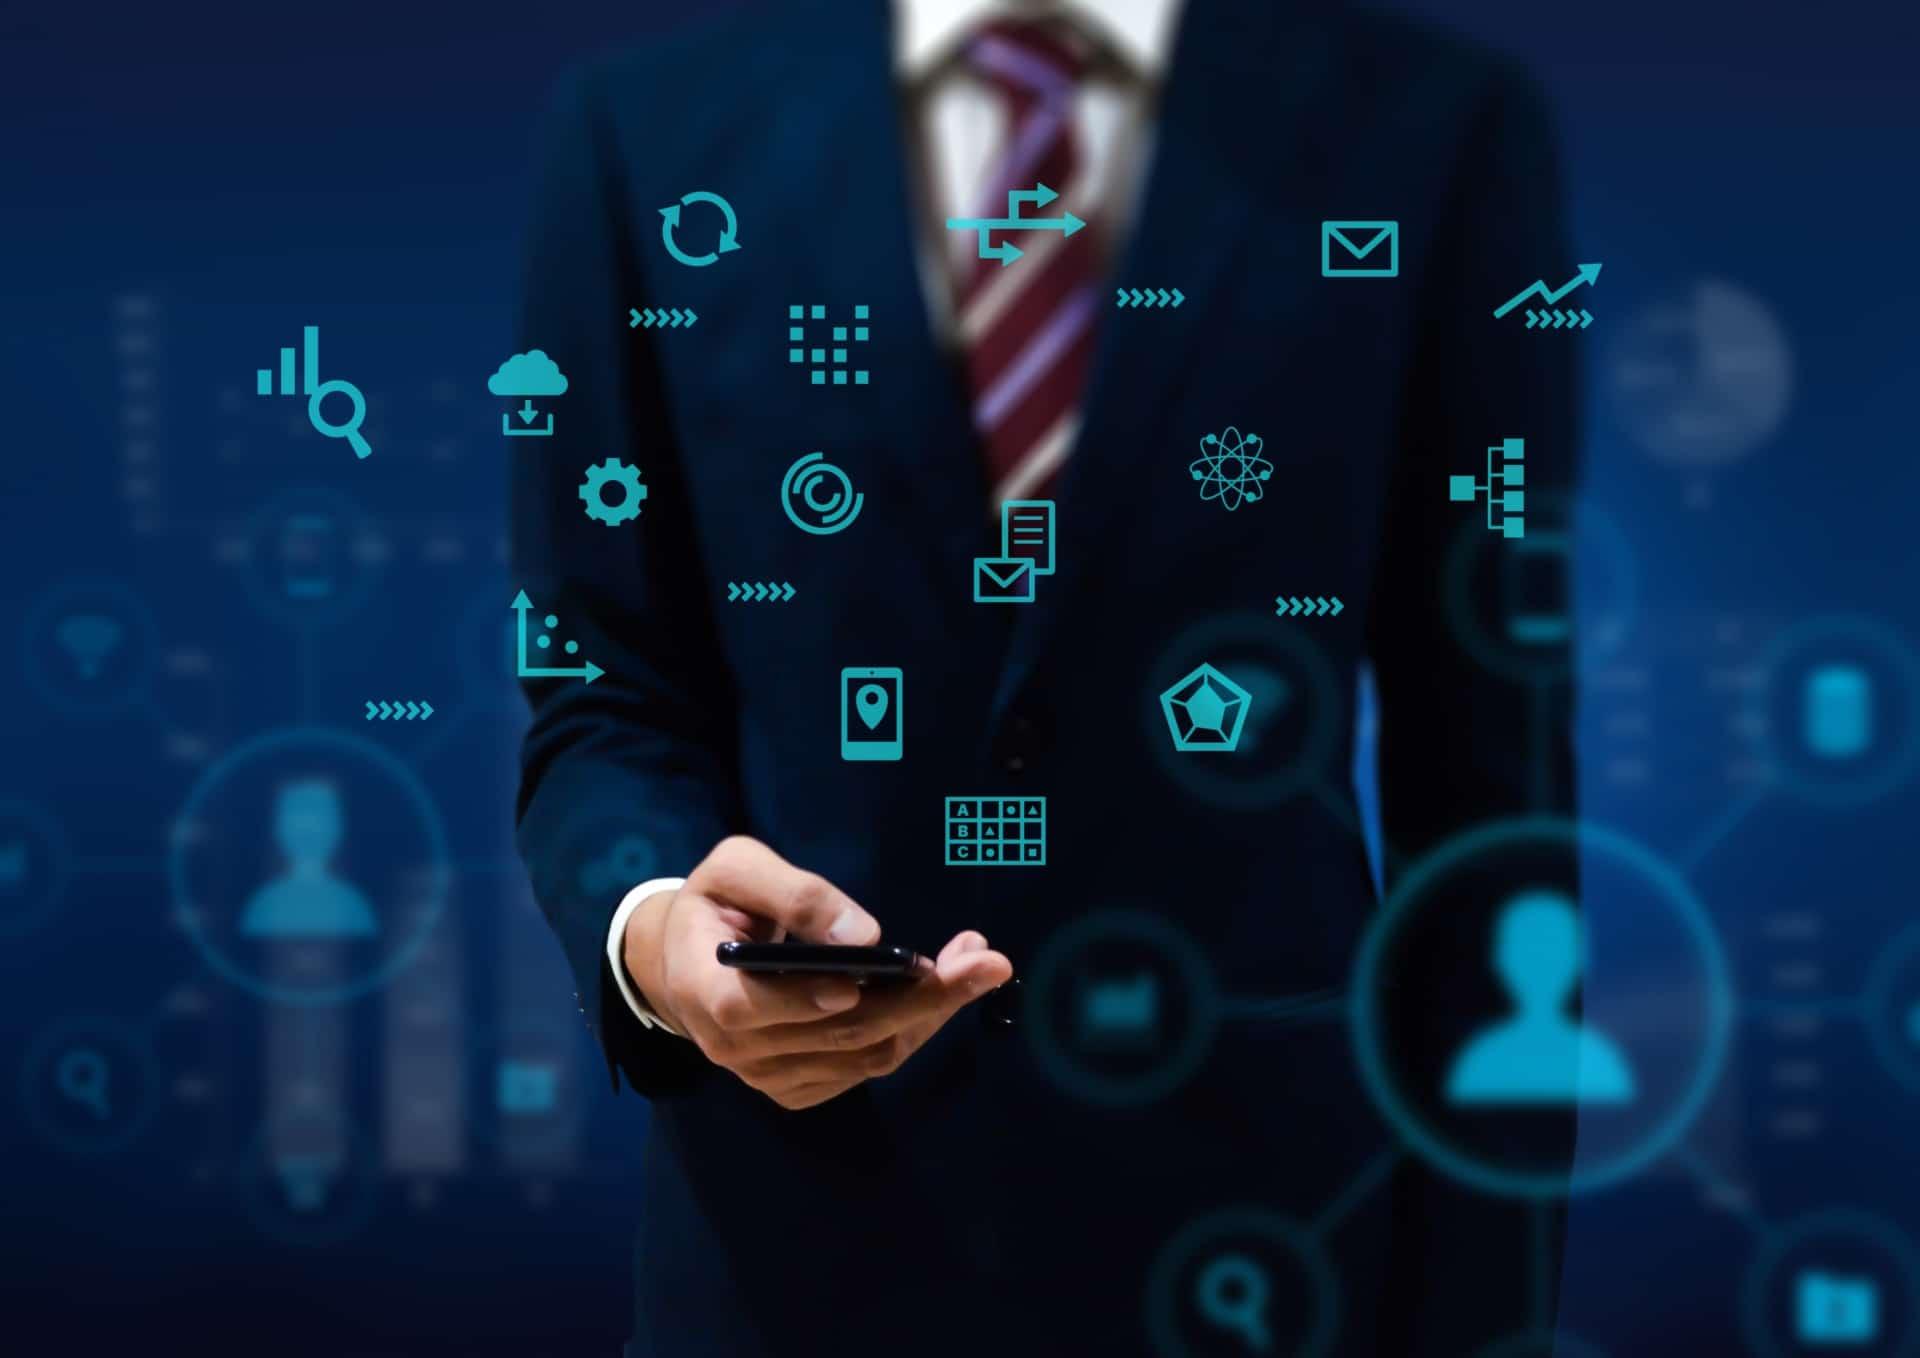 デジタルマーケティングの事例20選!成功のポイントも解説